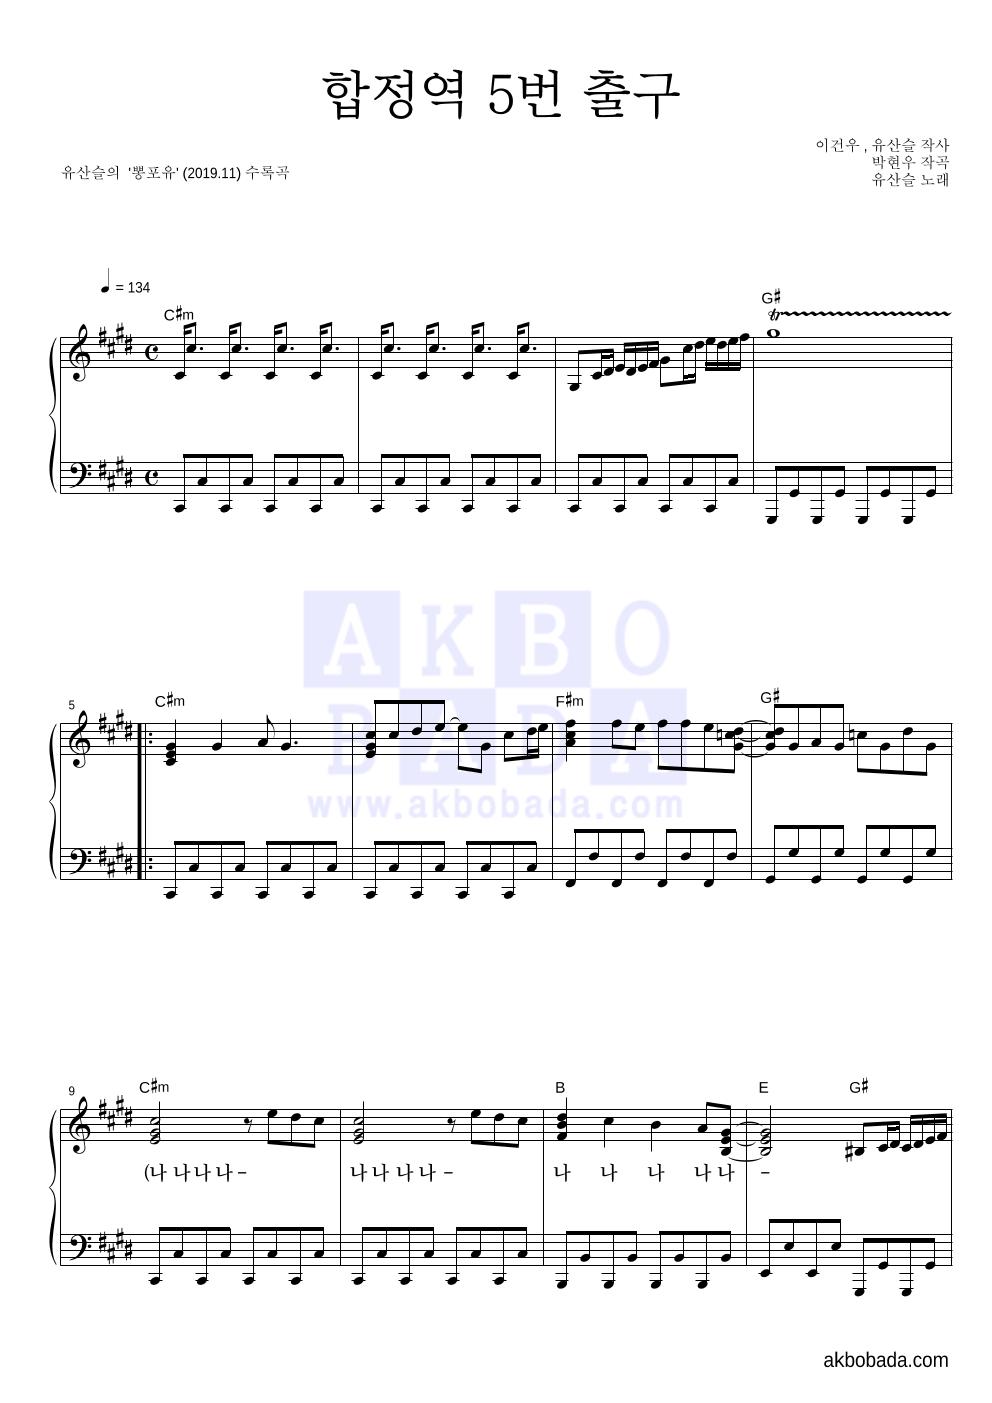 유산슬 - 합정역 5번 출구 피아노 2단 악보